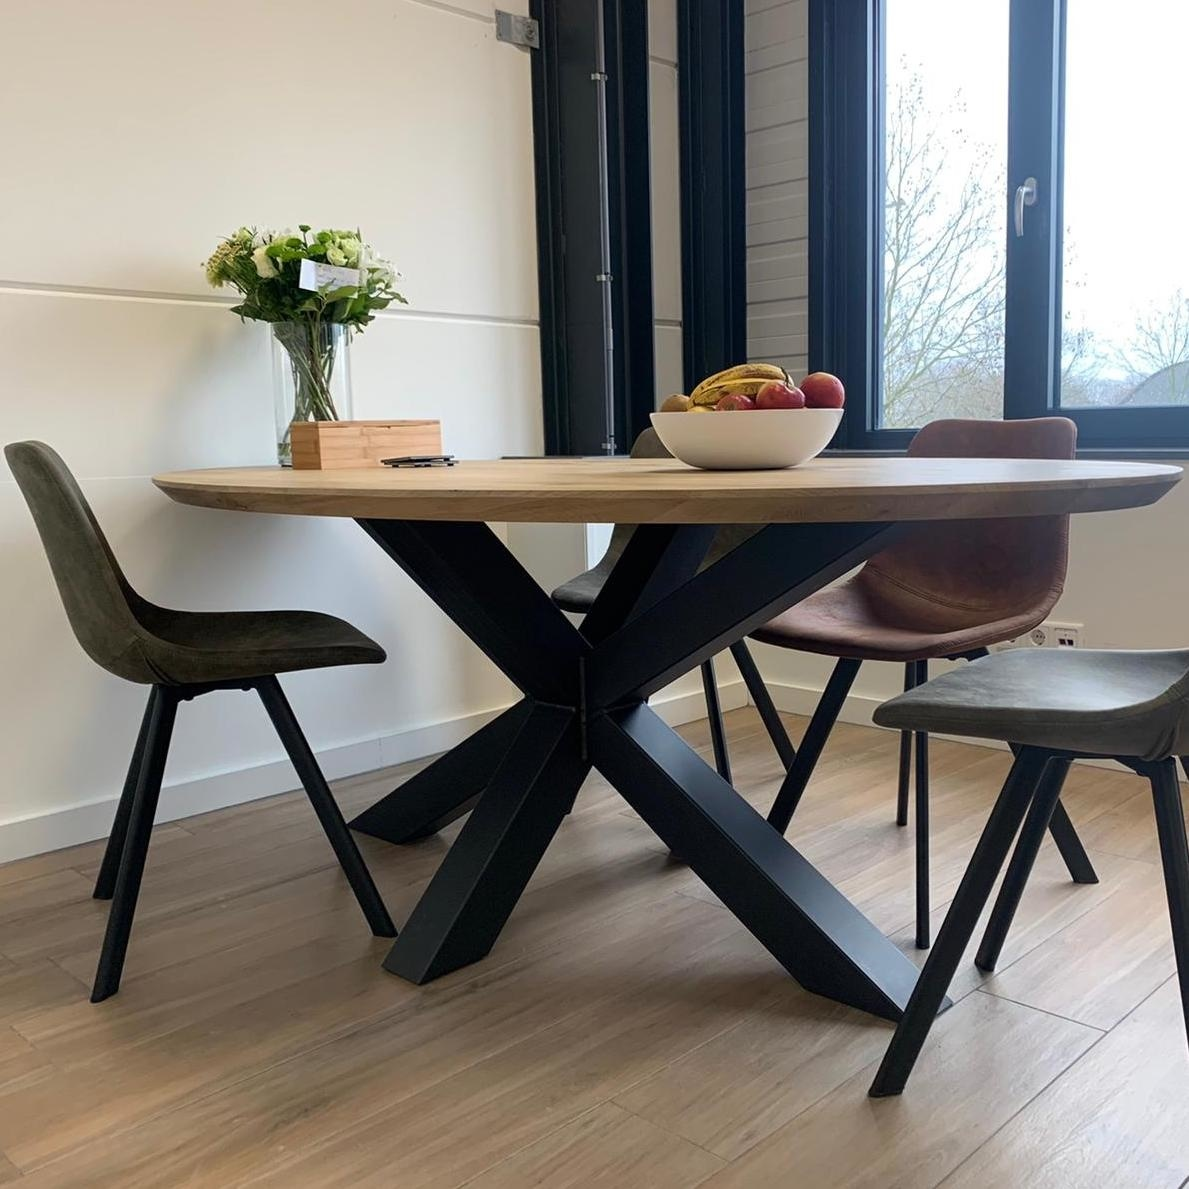 Tischplatte Wildeiche oval - 4 cm dick - Asteiche (rustikal) - mit abgeschrägten Kanten - Eiche Tischplatte ellipse massiv - Verleimt & künstlich getrocknet (HF 8-12%)